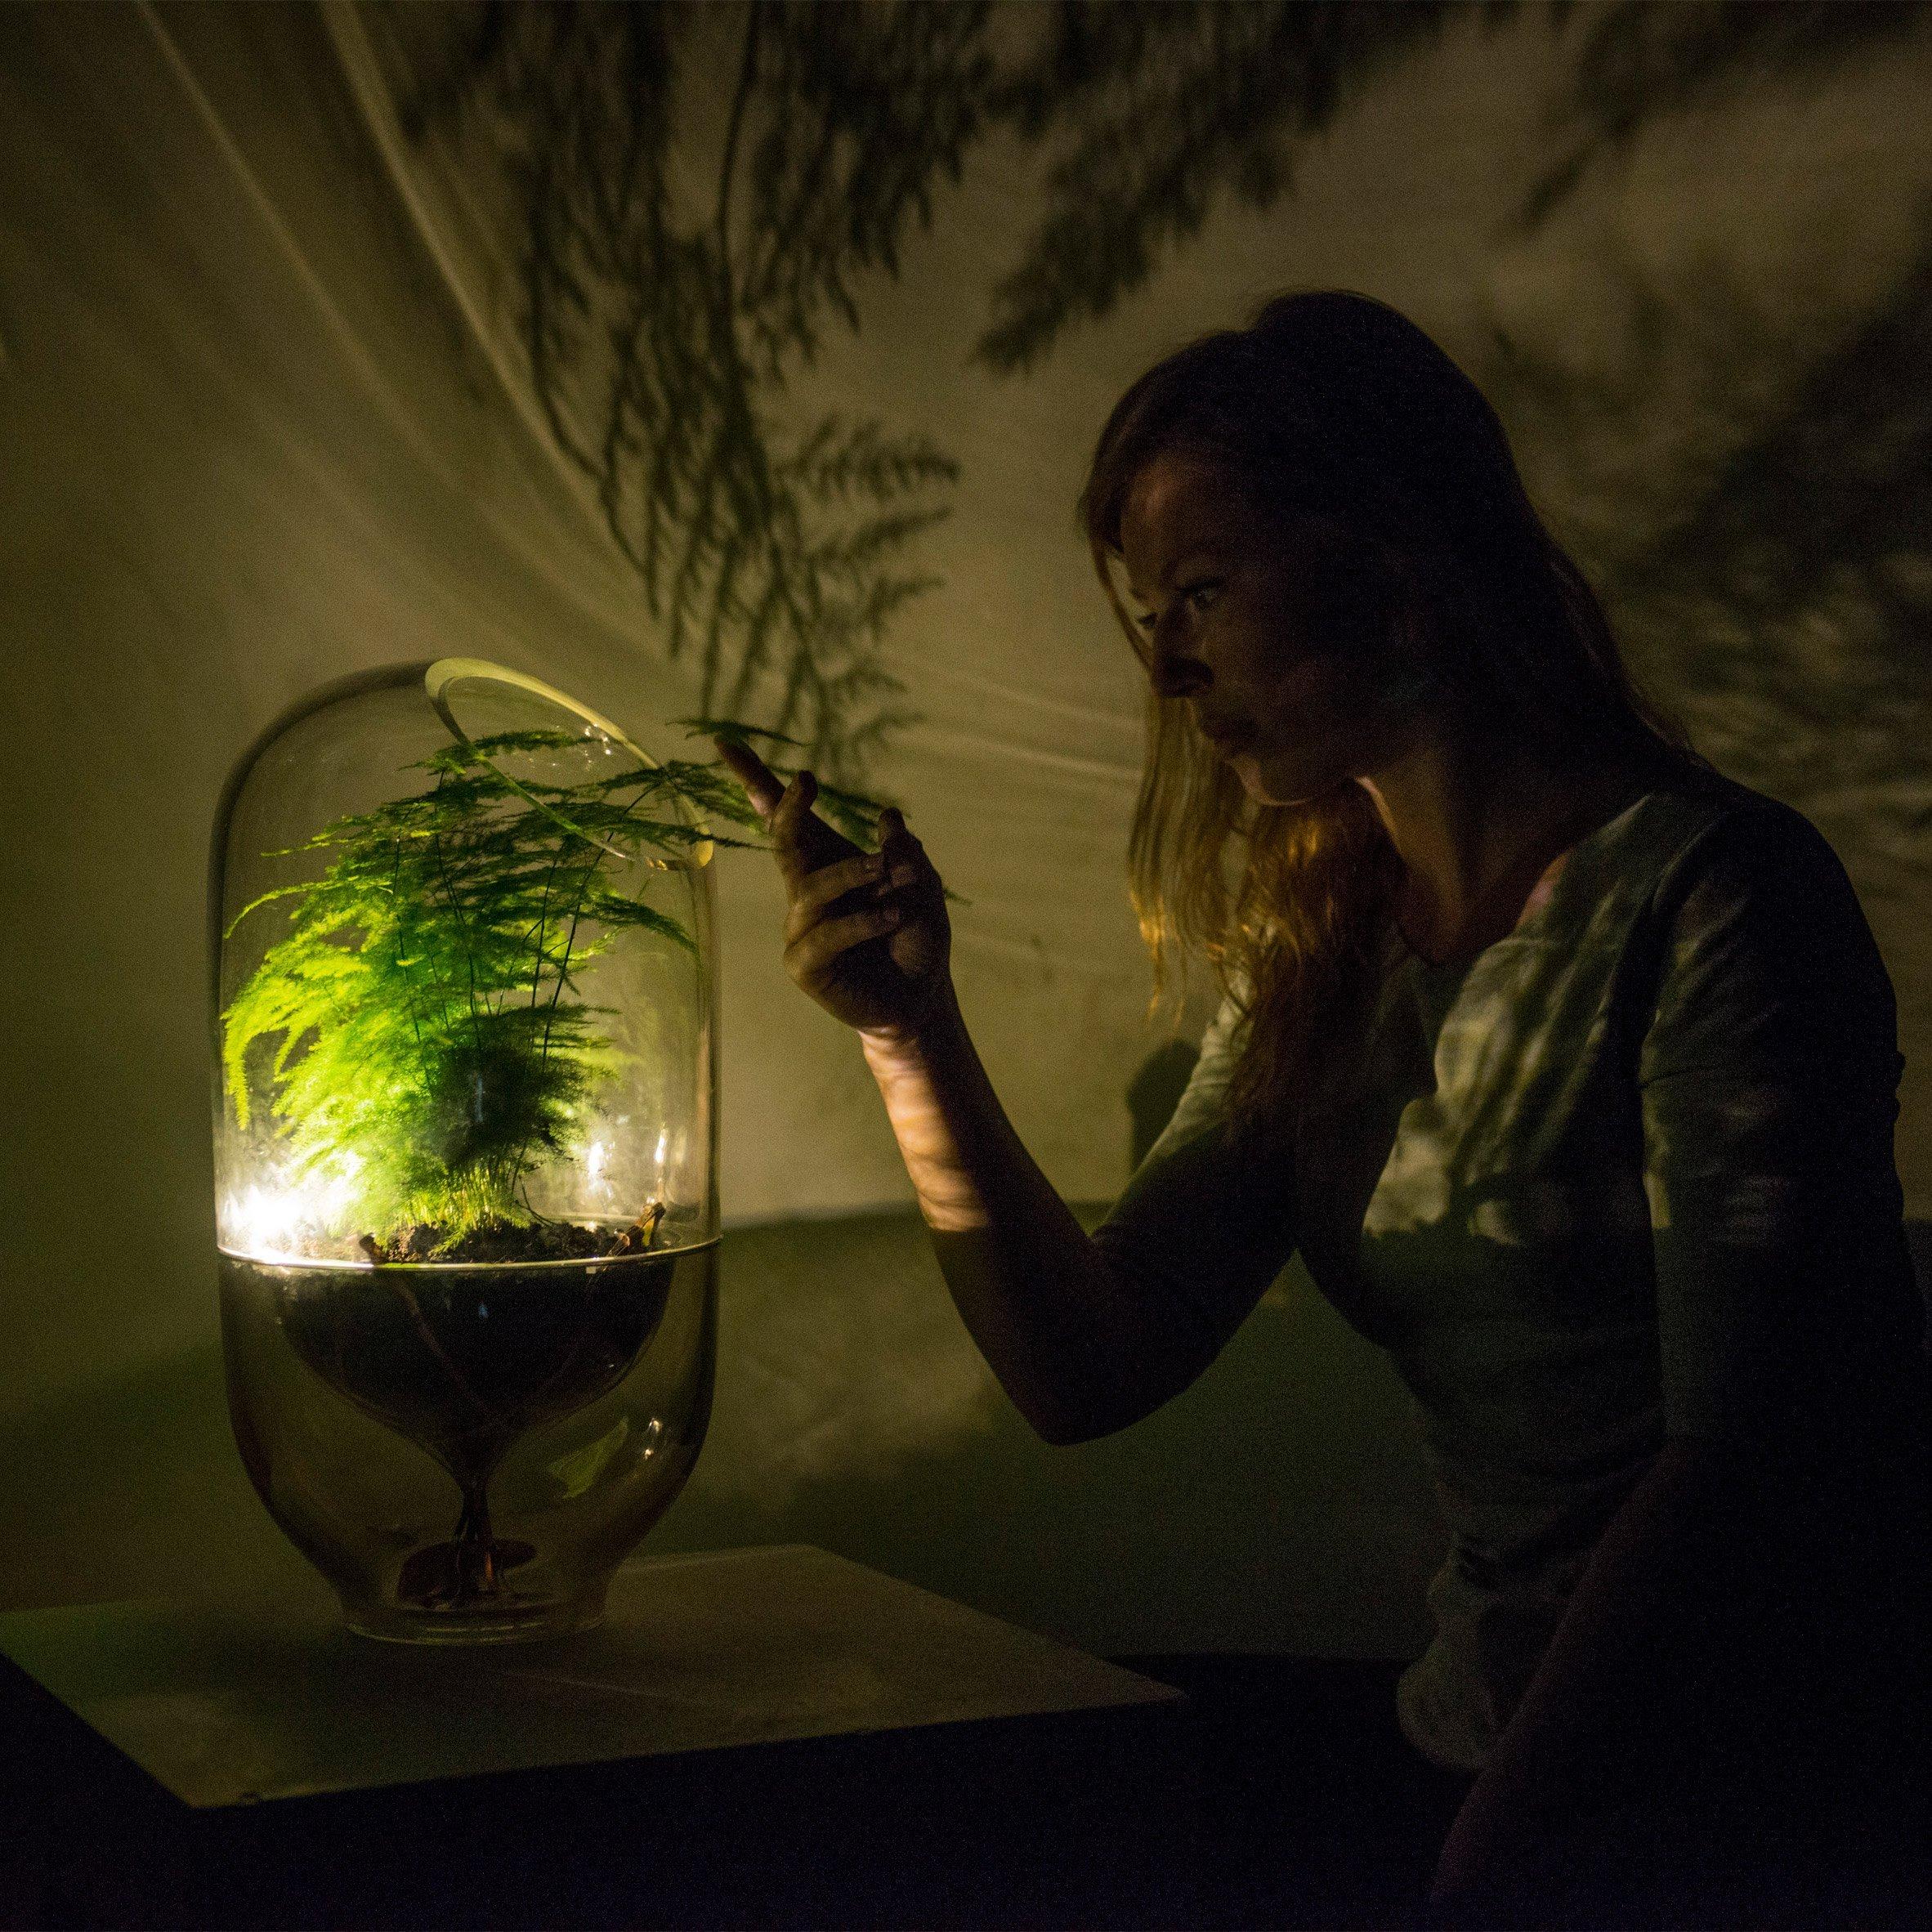 Luminária da designer holandesa Ermi van Oers gera luz pela fotossíntese. Foto: Divulgação/Living Light